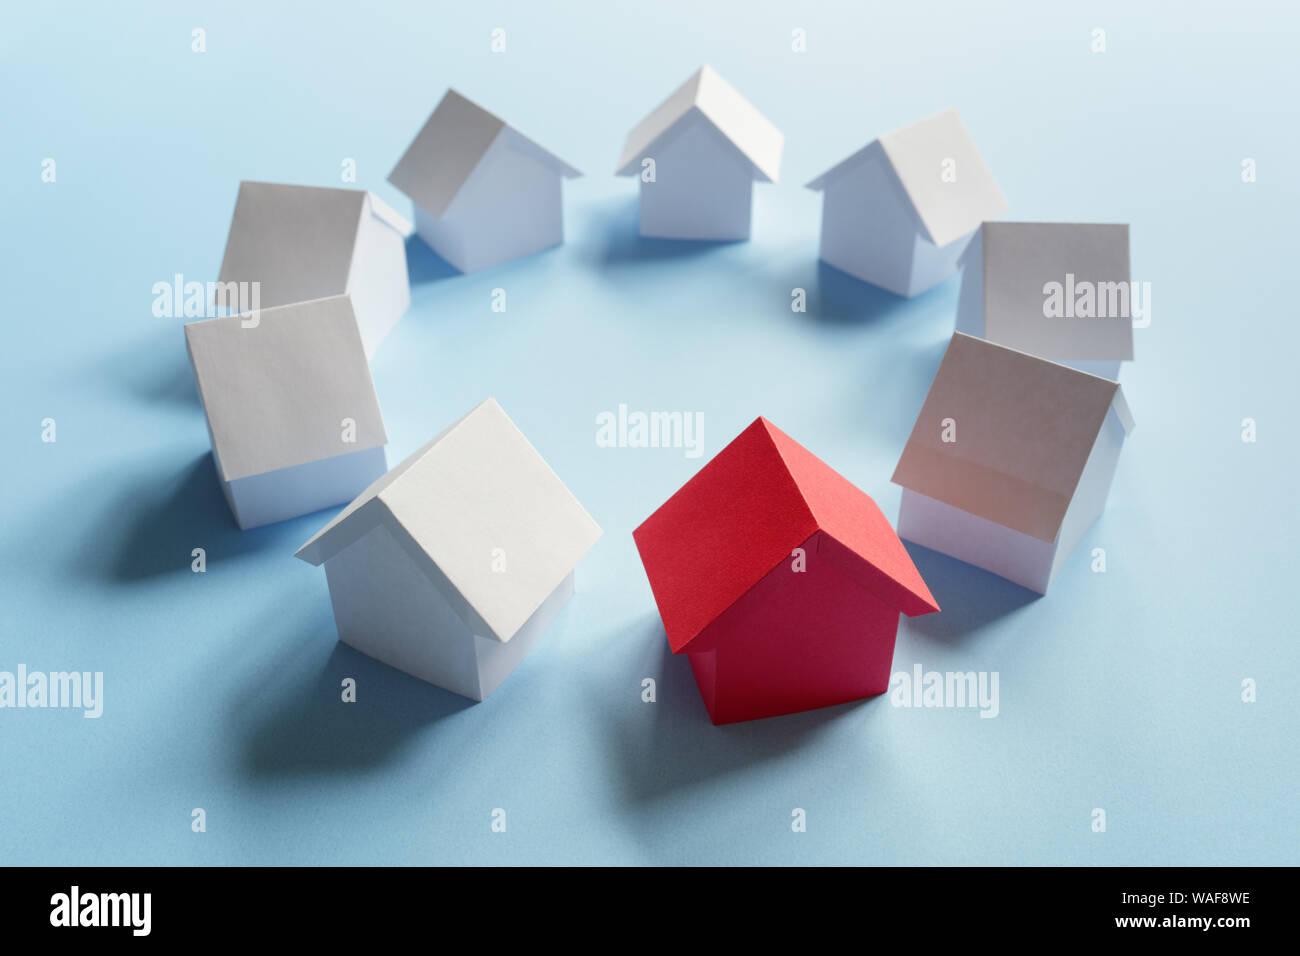 La recherche de biens immobiliers, maison ou nouvelle maison, maison rouge debout Banque D'Images